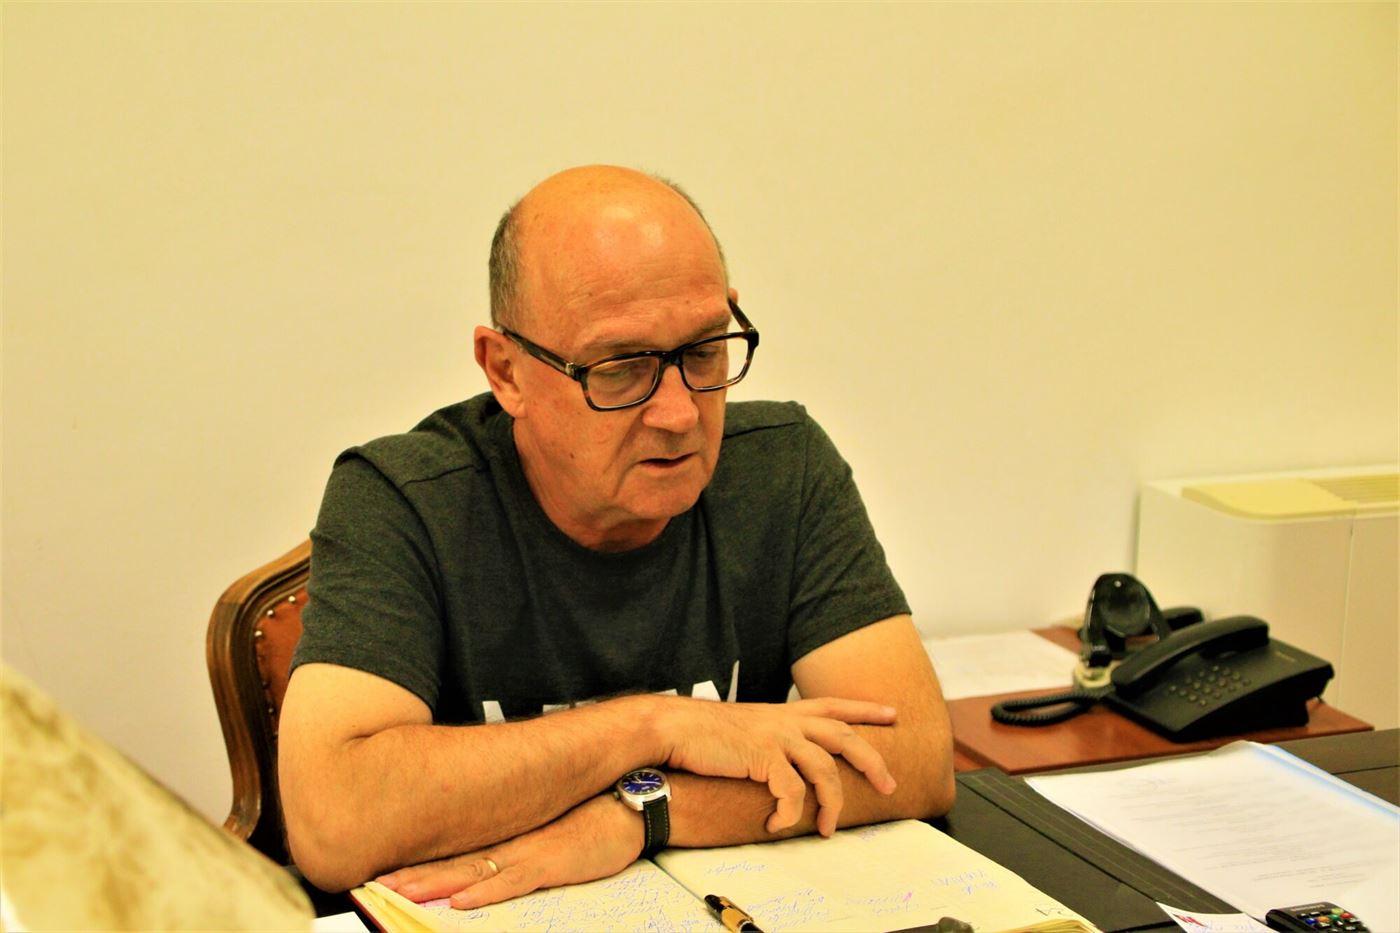 Interviu cu Lucian Sabados, directorul Teatrului Maria Filotti din Brăila